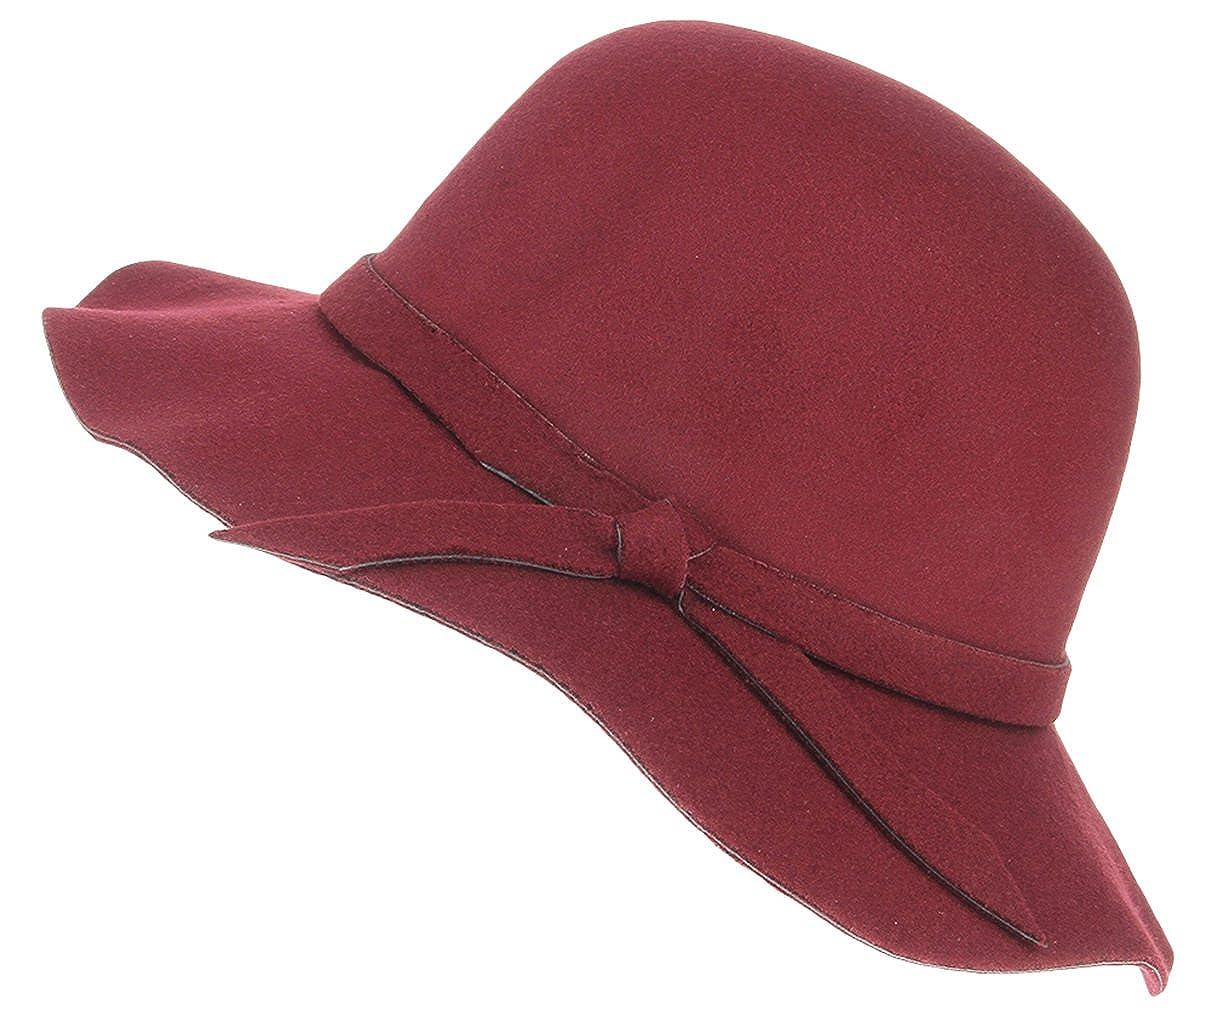 La Vogue Girls Kids Retro Wool Wide Beach Brim Soft Felt Floppy Hat Cap Wine Red